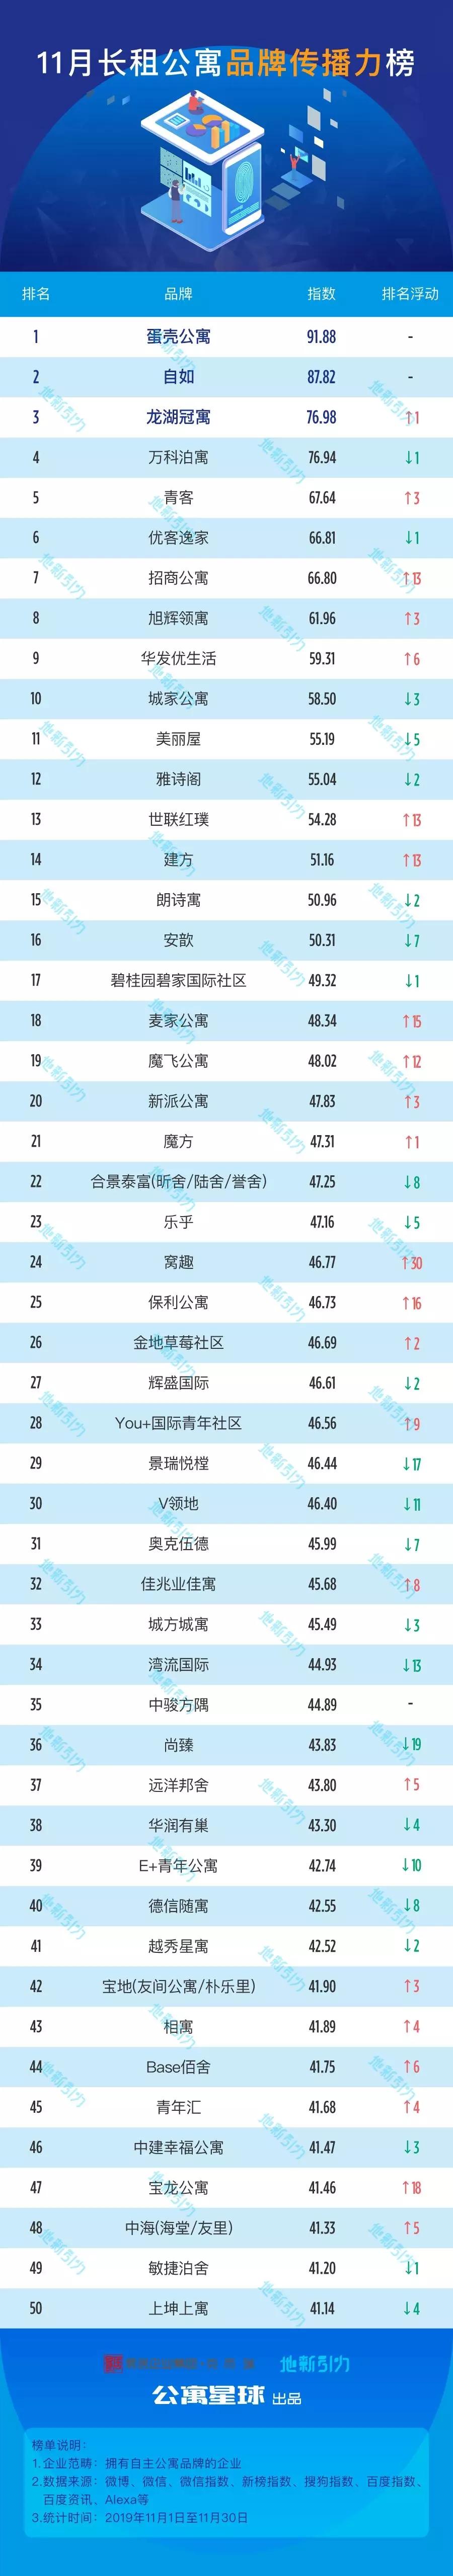 2019年11月中国长租公寓品牌传播力榜